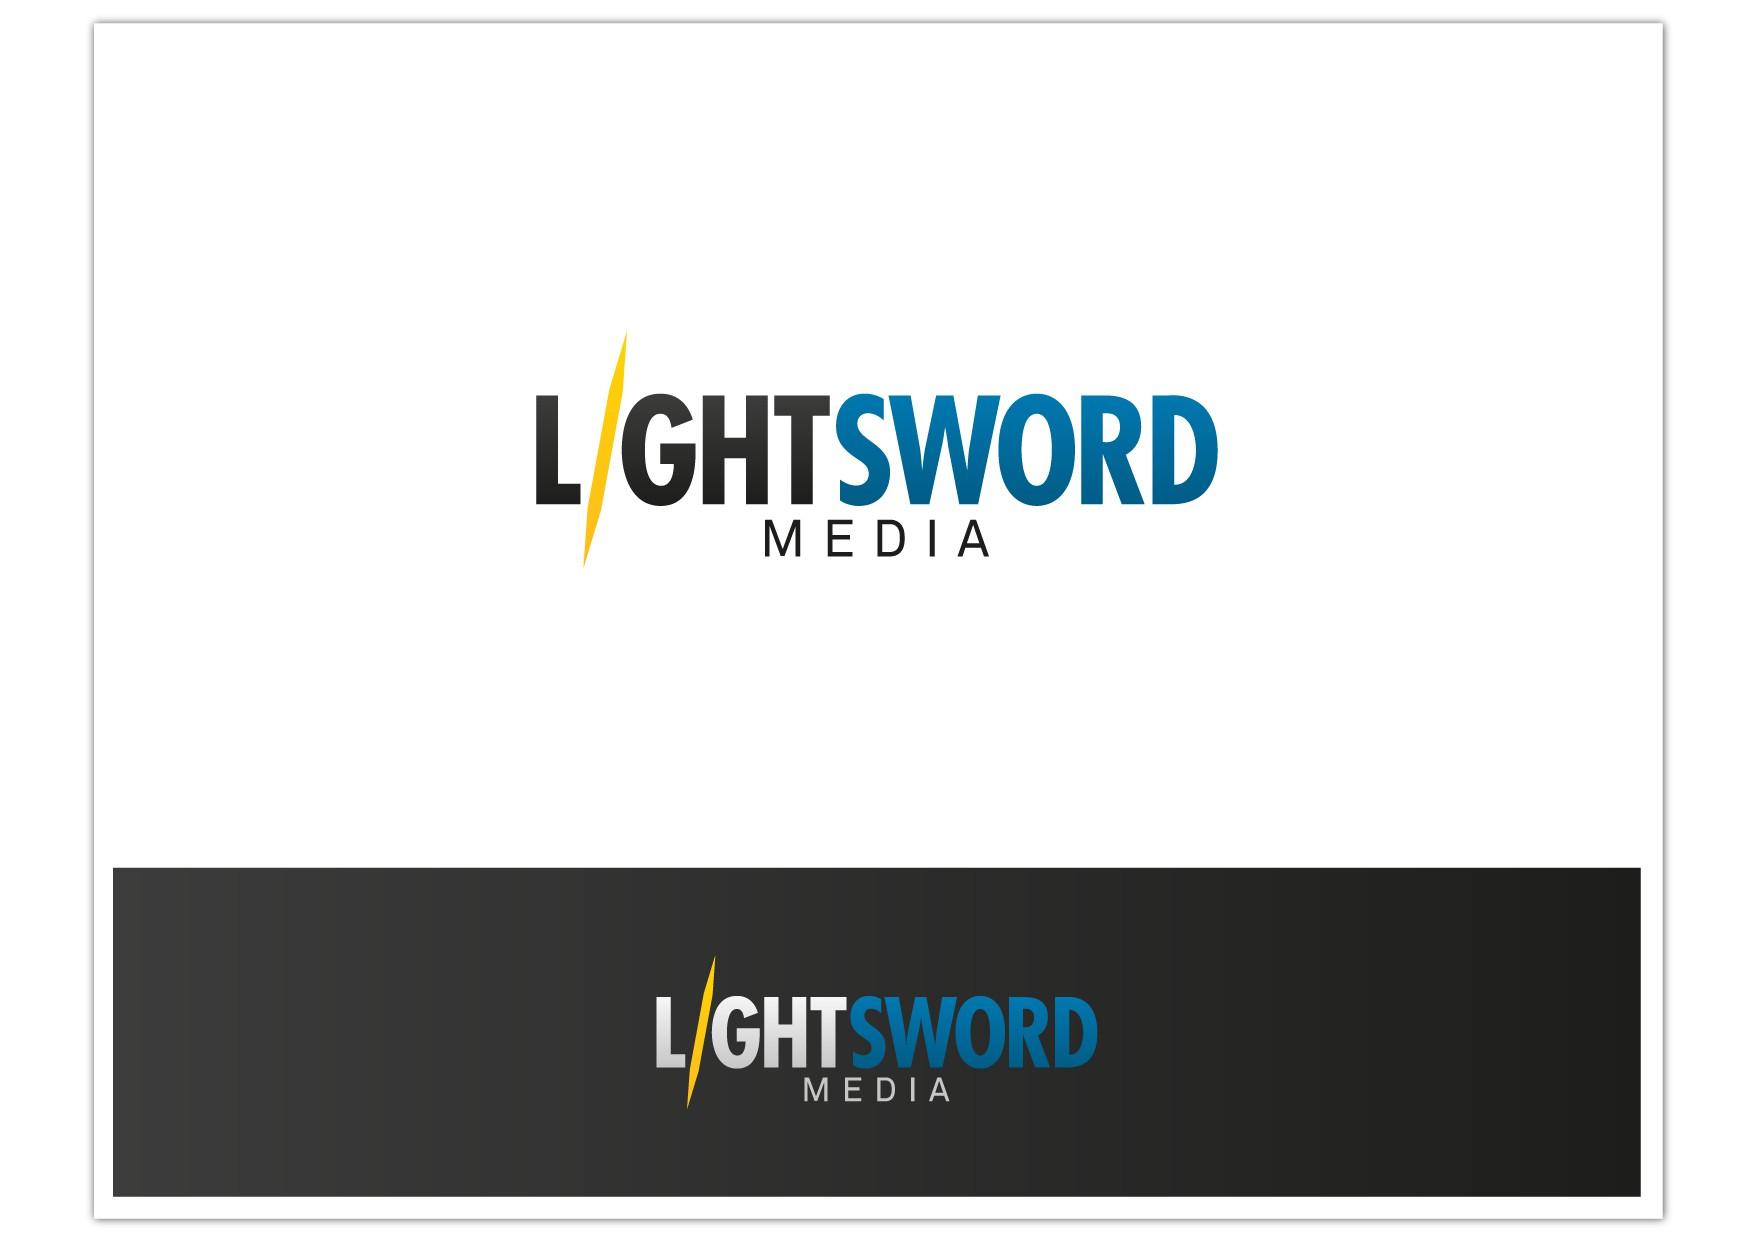 Create the next logo for LightSword Media